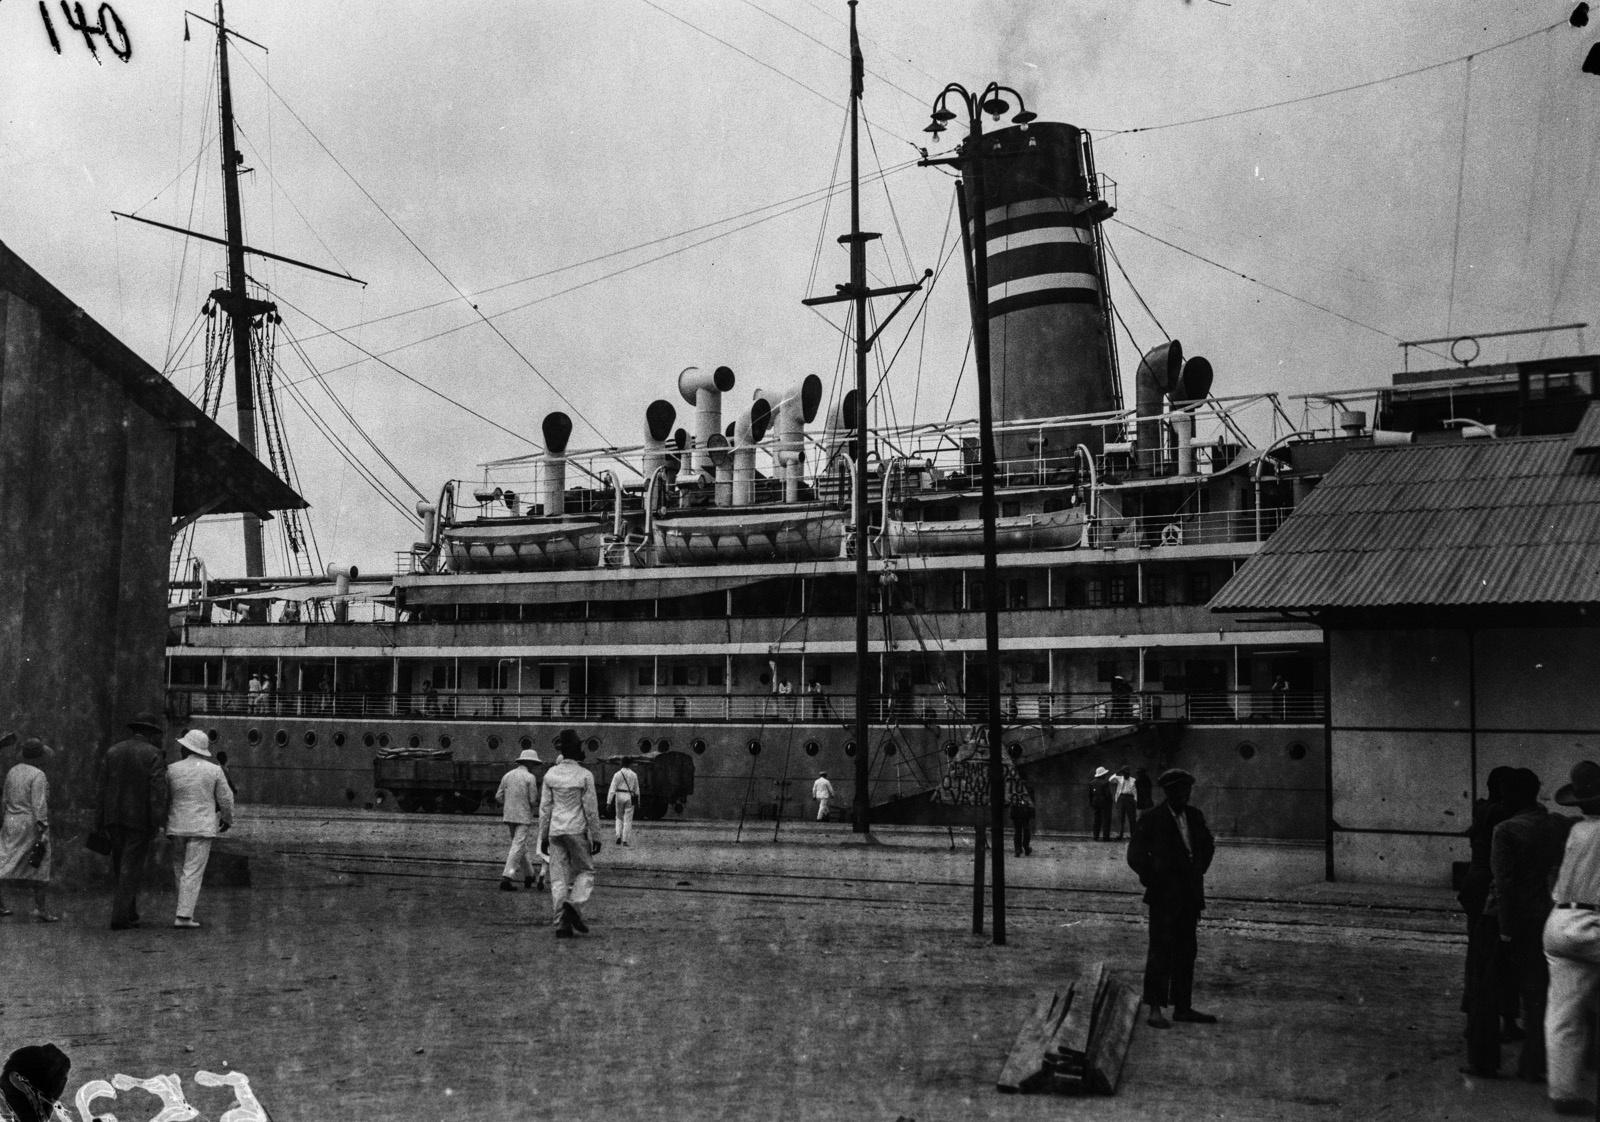 Португальская Западная Африка. Вид парохода «Усамбара» в порту Лобито